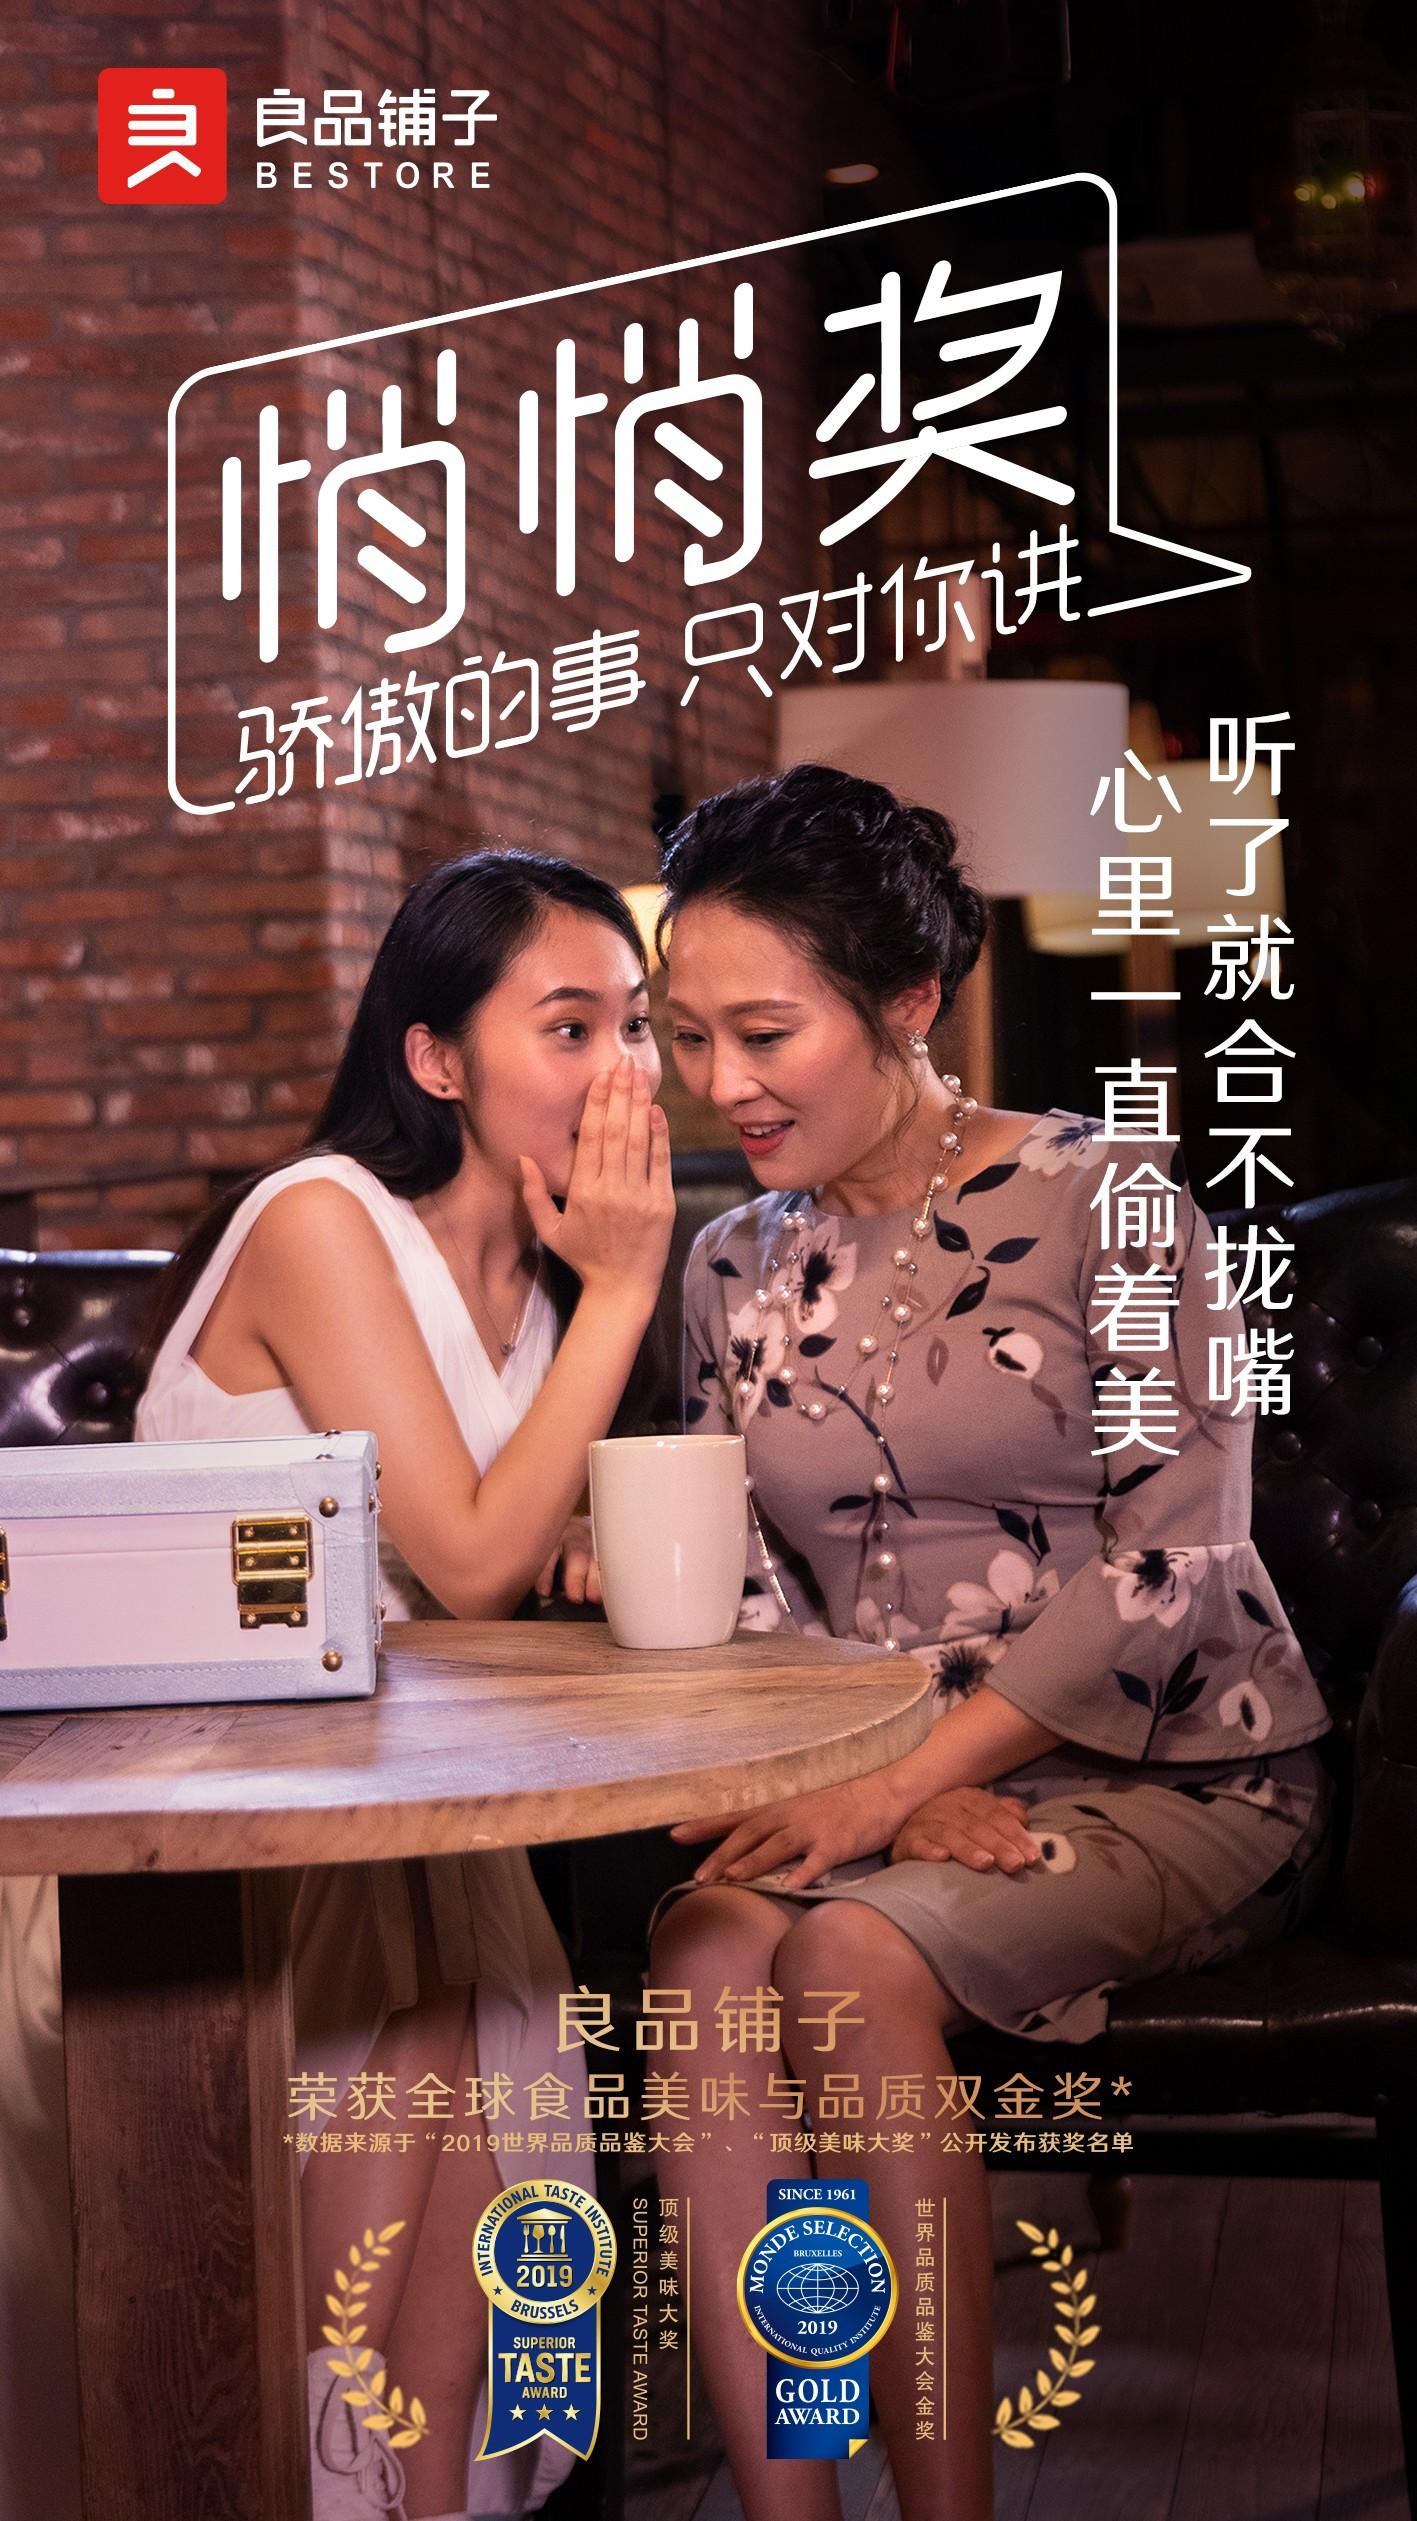 良品铺子获奖信息 -咖啡厅海报(gif版静态版).jpg